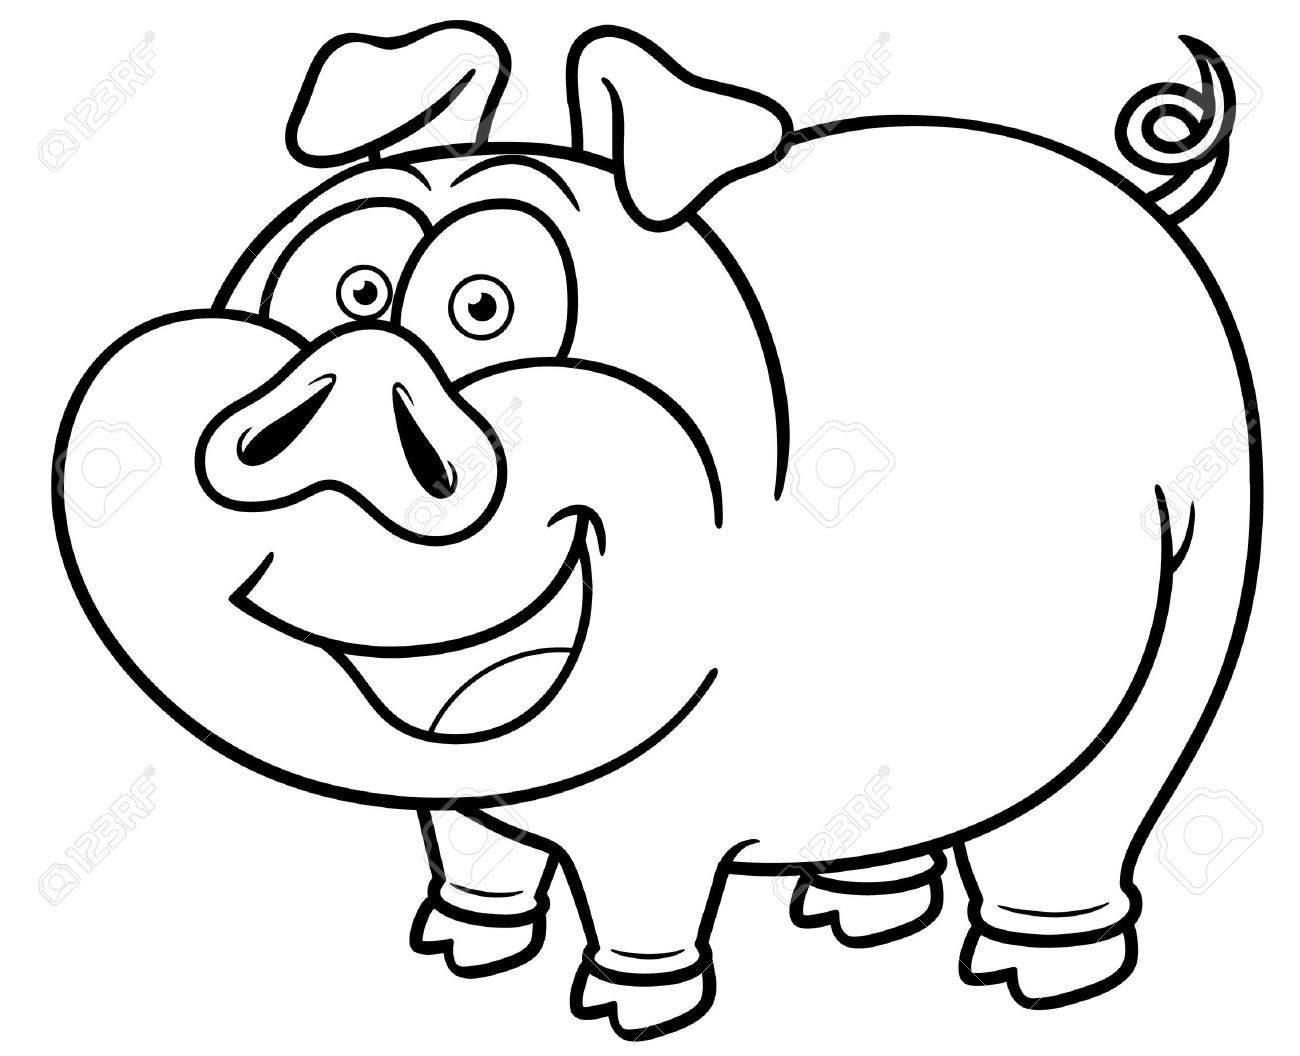 Ilustración Vectorial De Dibujos Animados De Cerdo - Libro Para ...